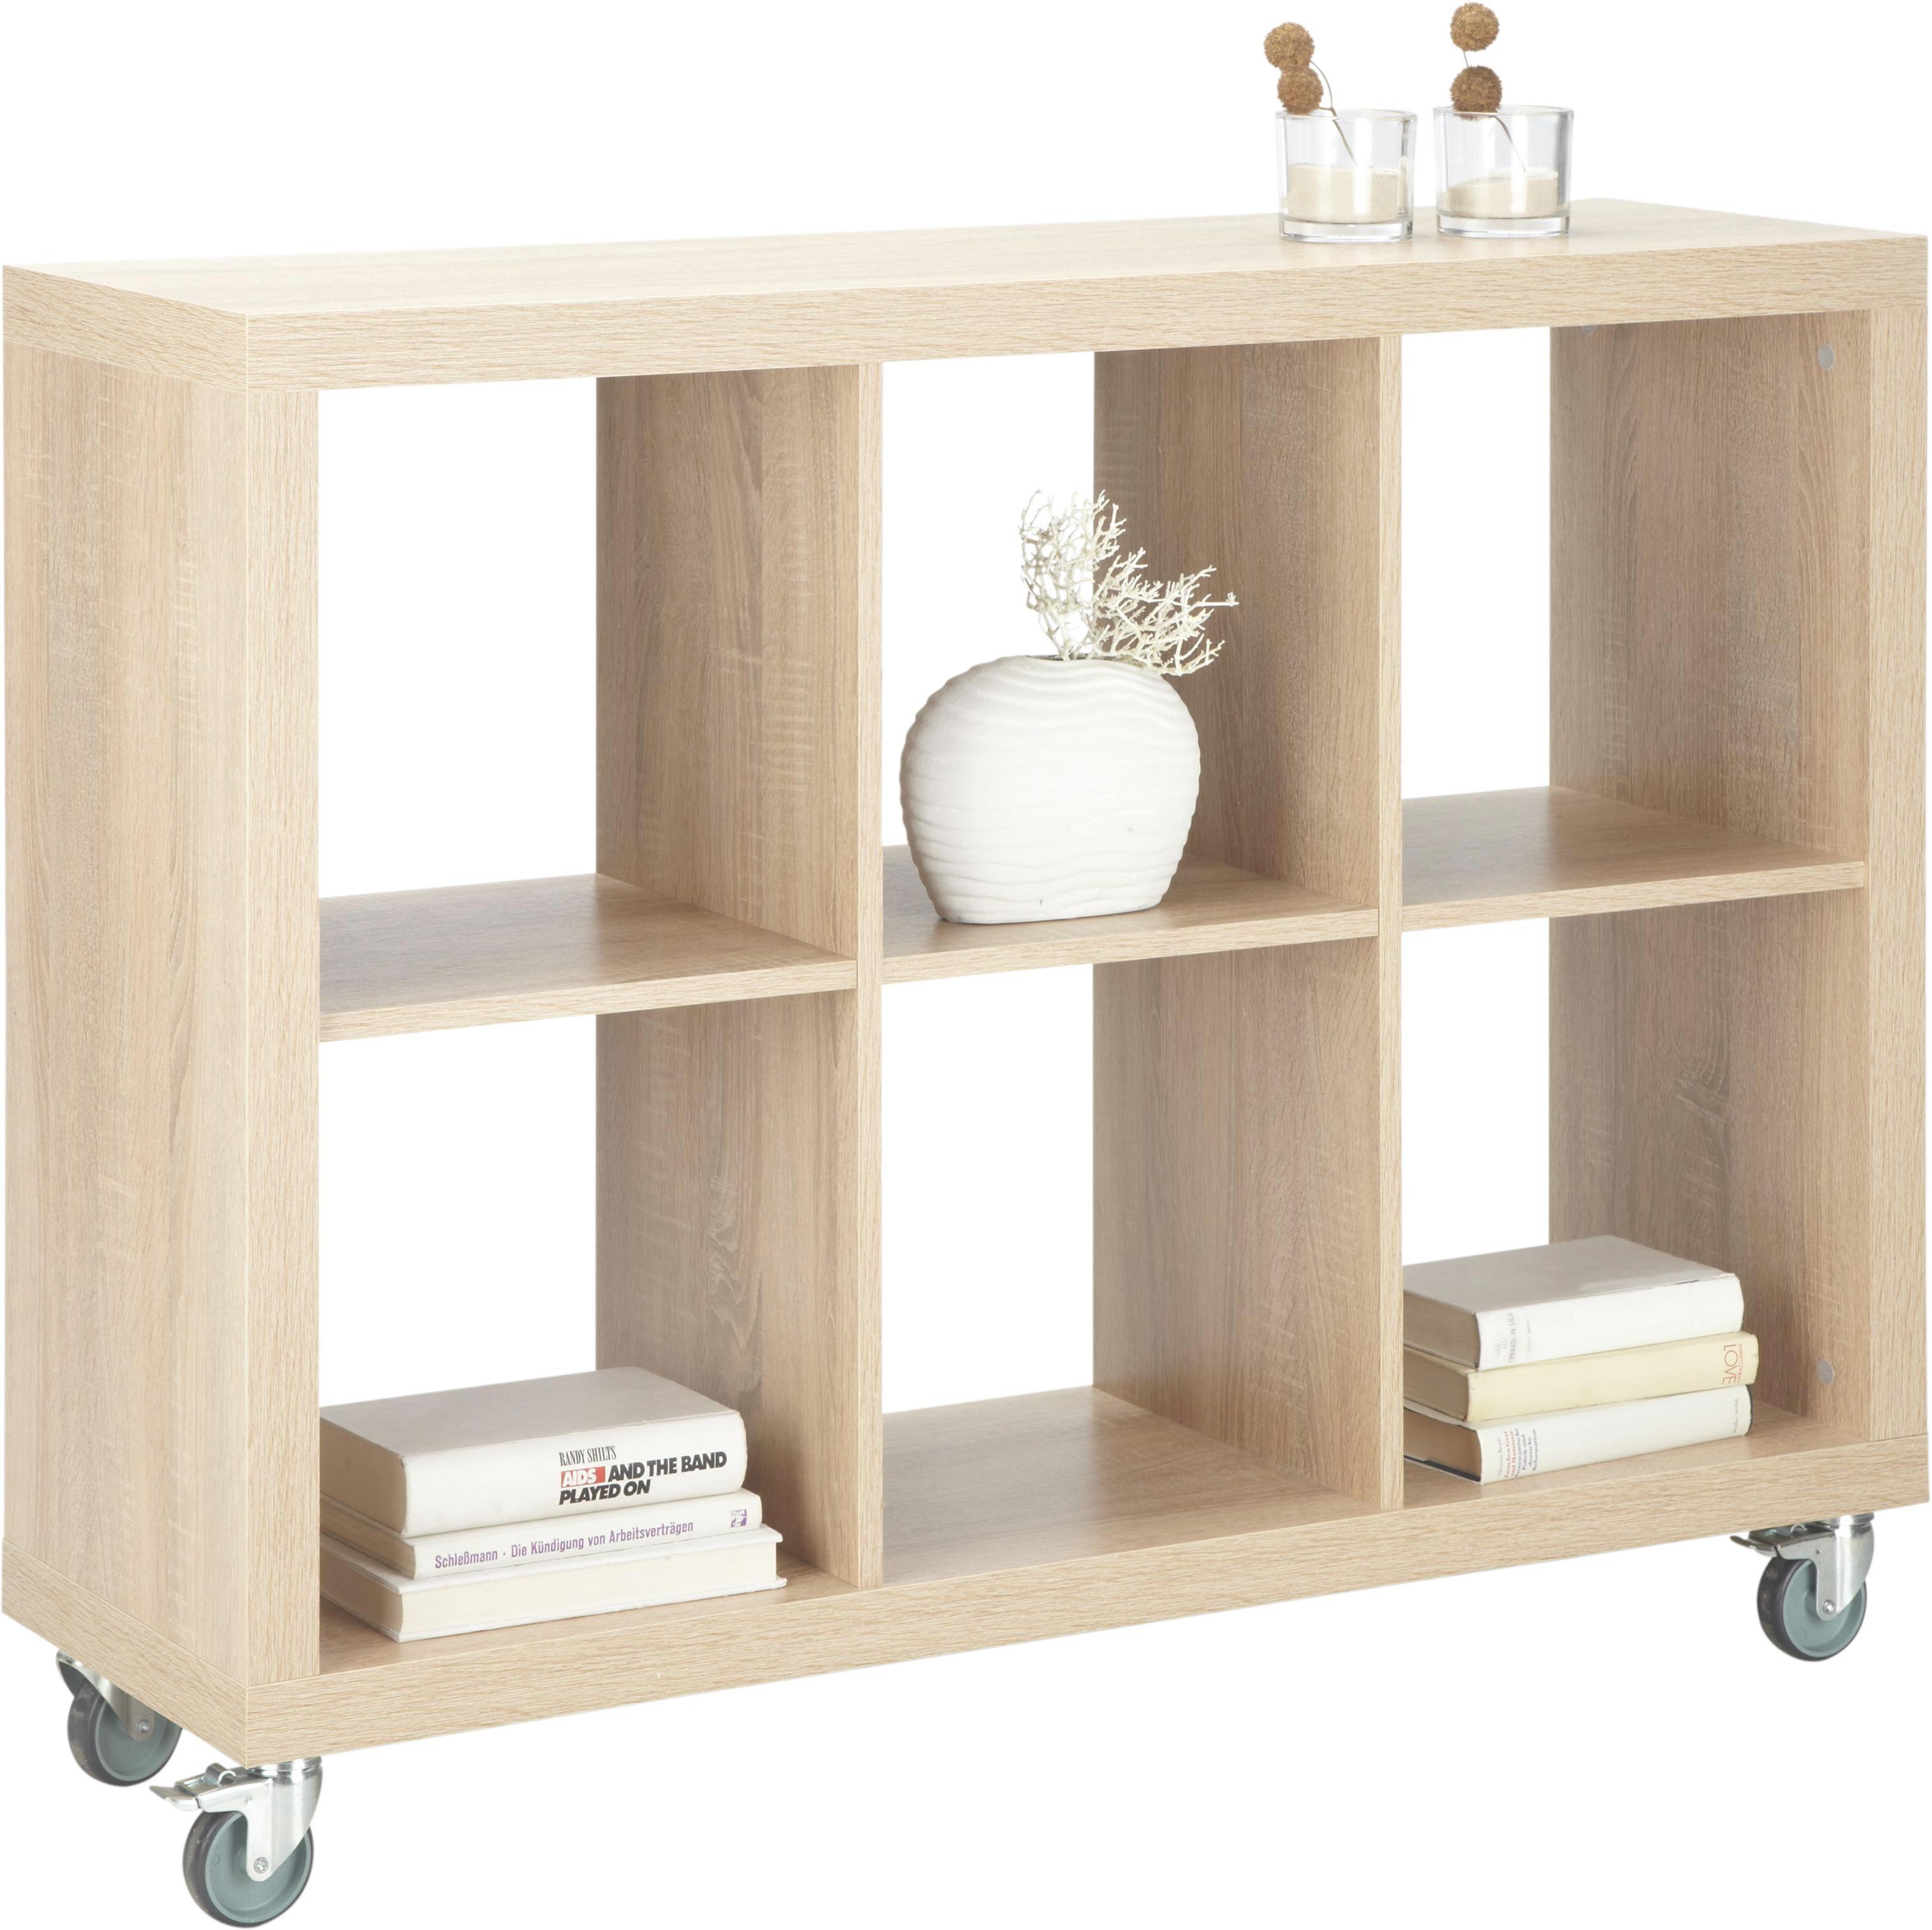 Raumteiler in Eiche Lackiert - Eichefarben/Alufarben, Holzwerkstoff (117/84/35cm) - MÖMAX modern living